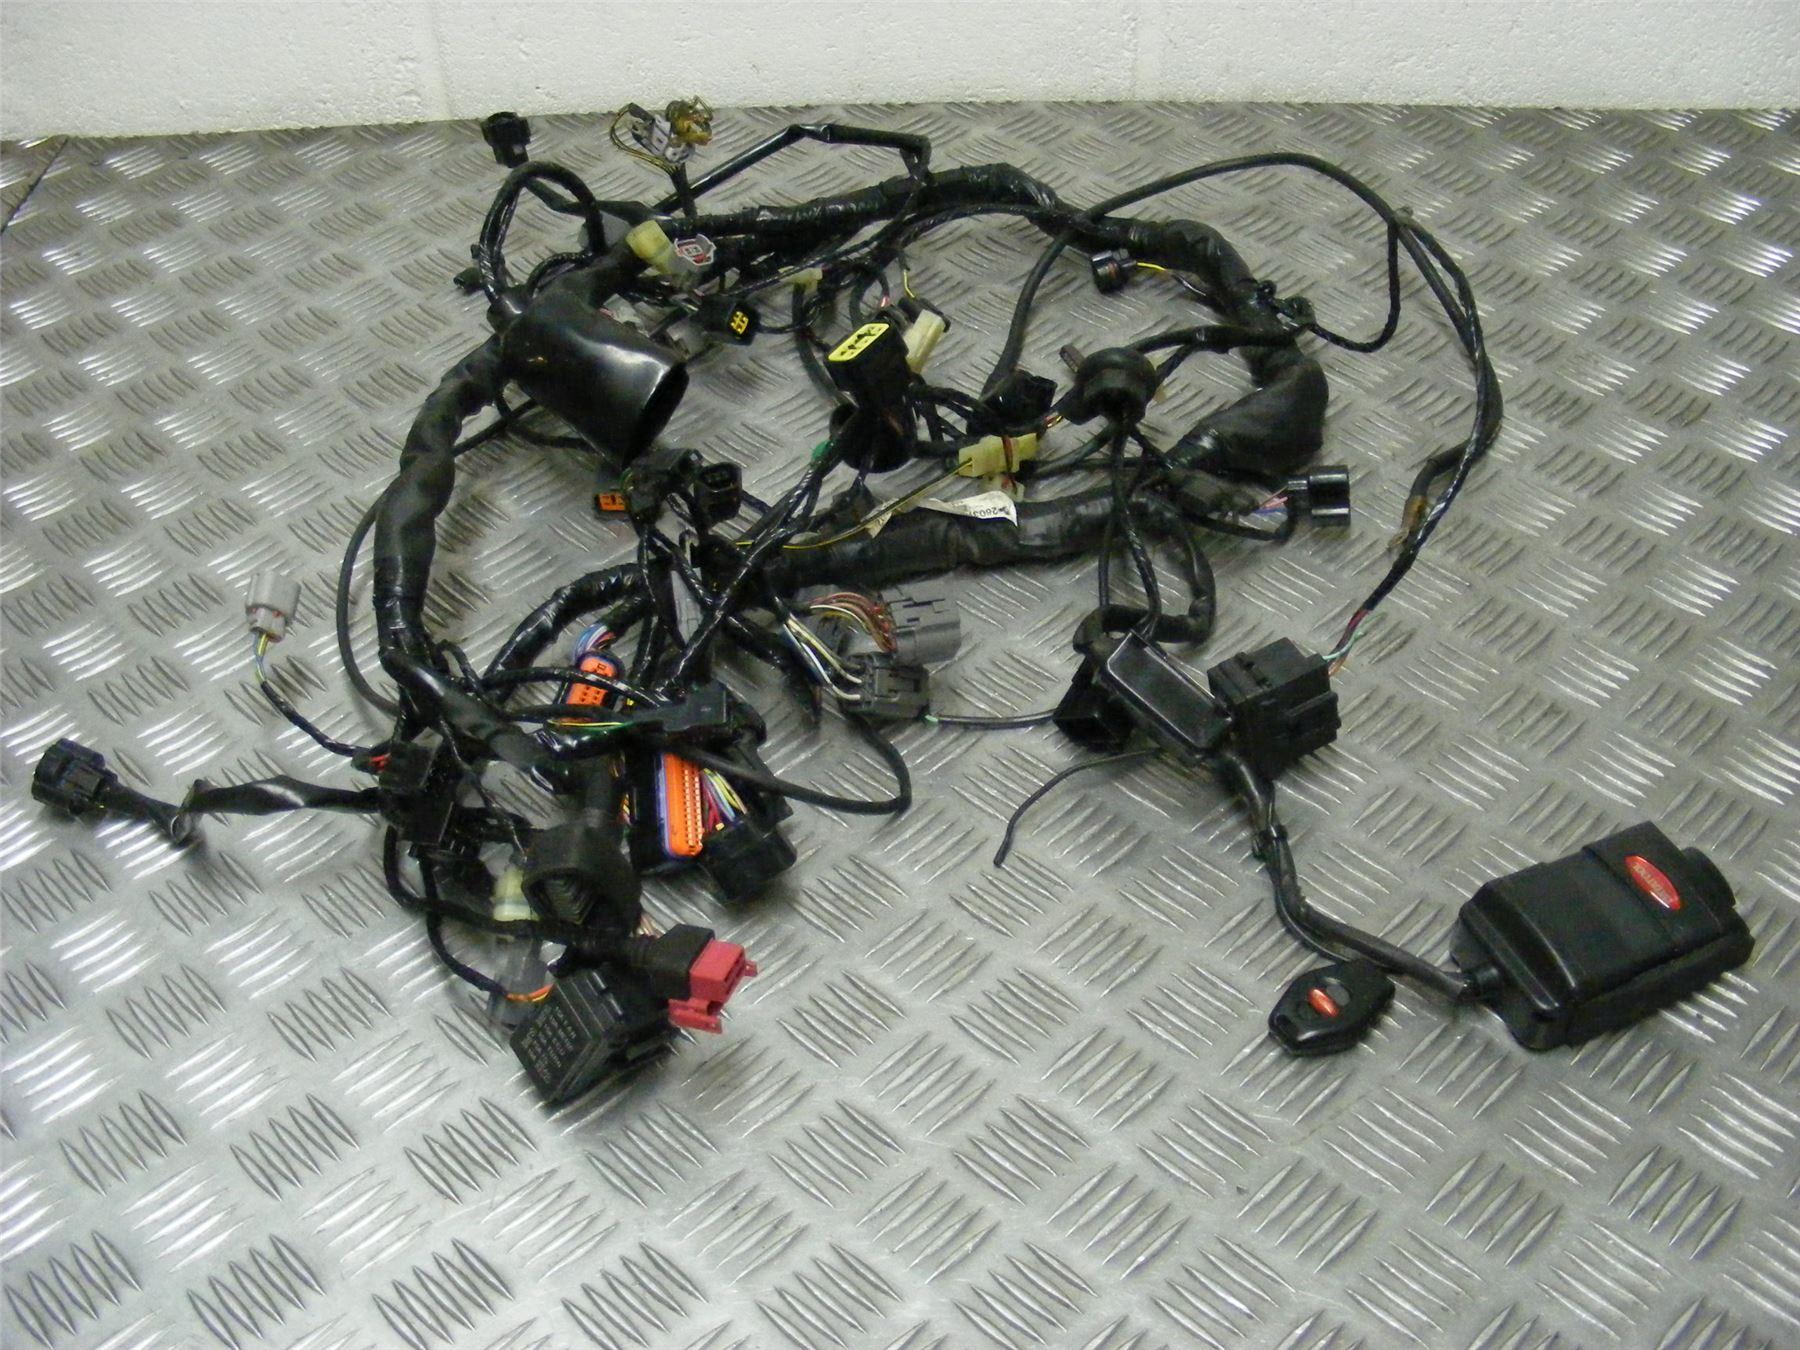 Kawasaki Z750 Zr750 Z Zr 750 Lbf 2012 Wiring Harness Loom Alarm Wire 274